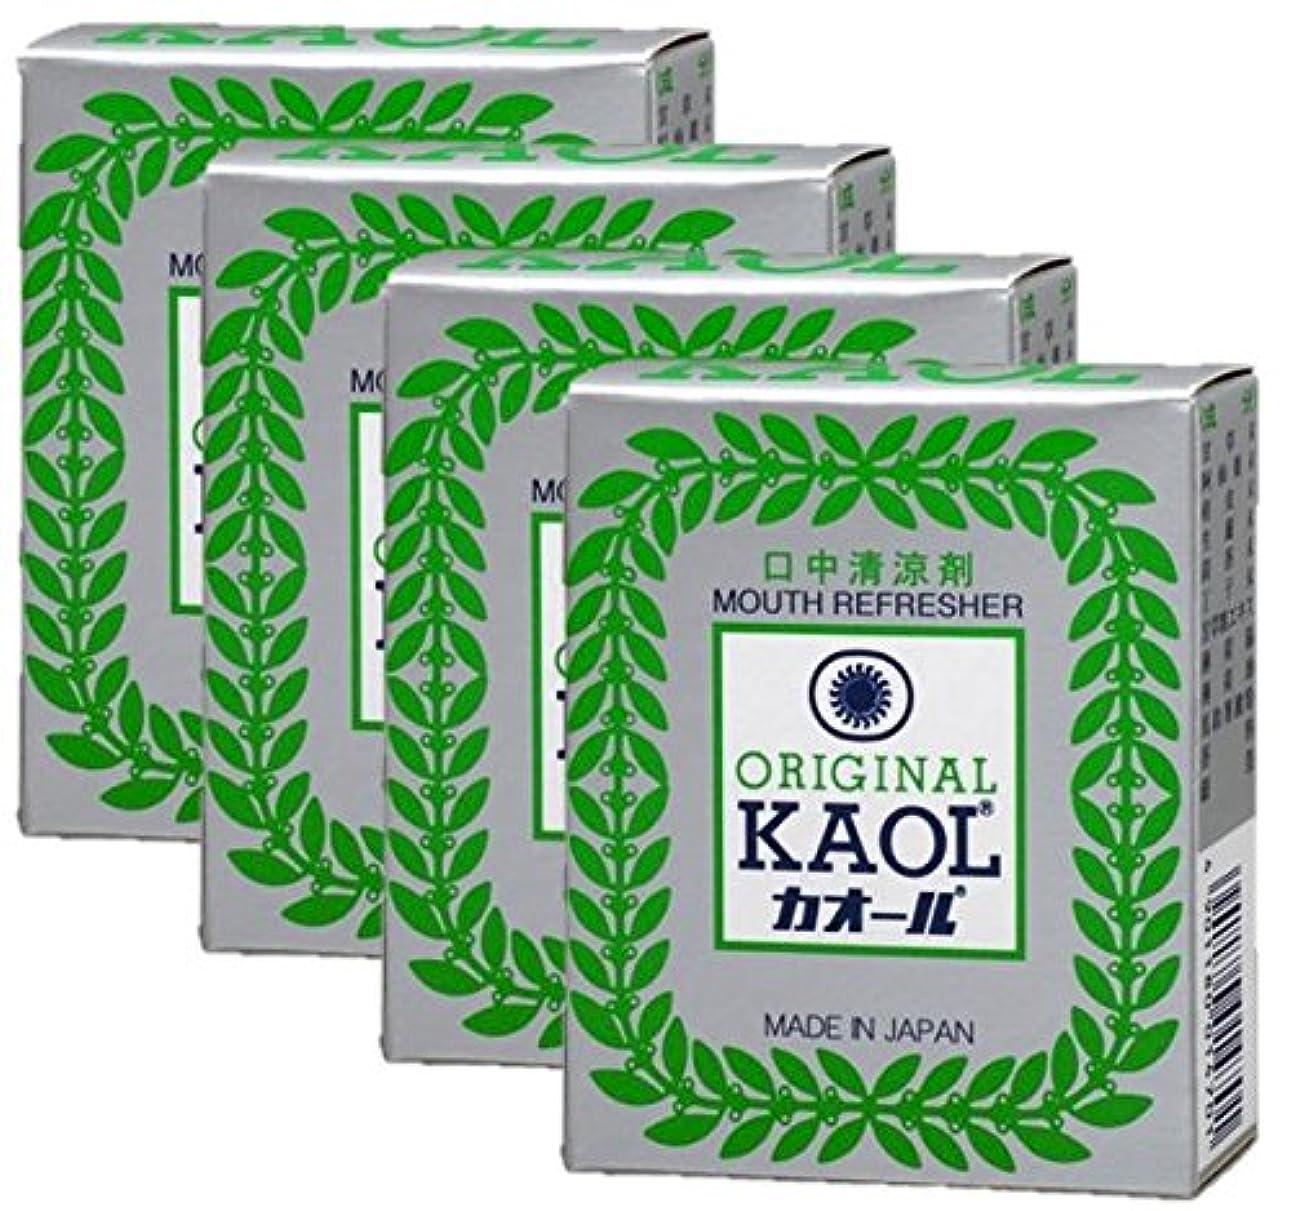 先見の明うつ蒸留する口中清涼剤 オリヂナル カオール 14.5g×4個セット